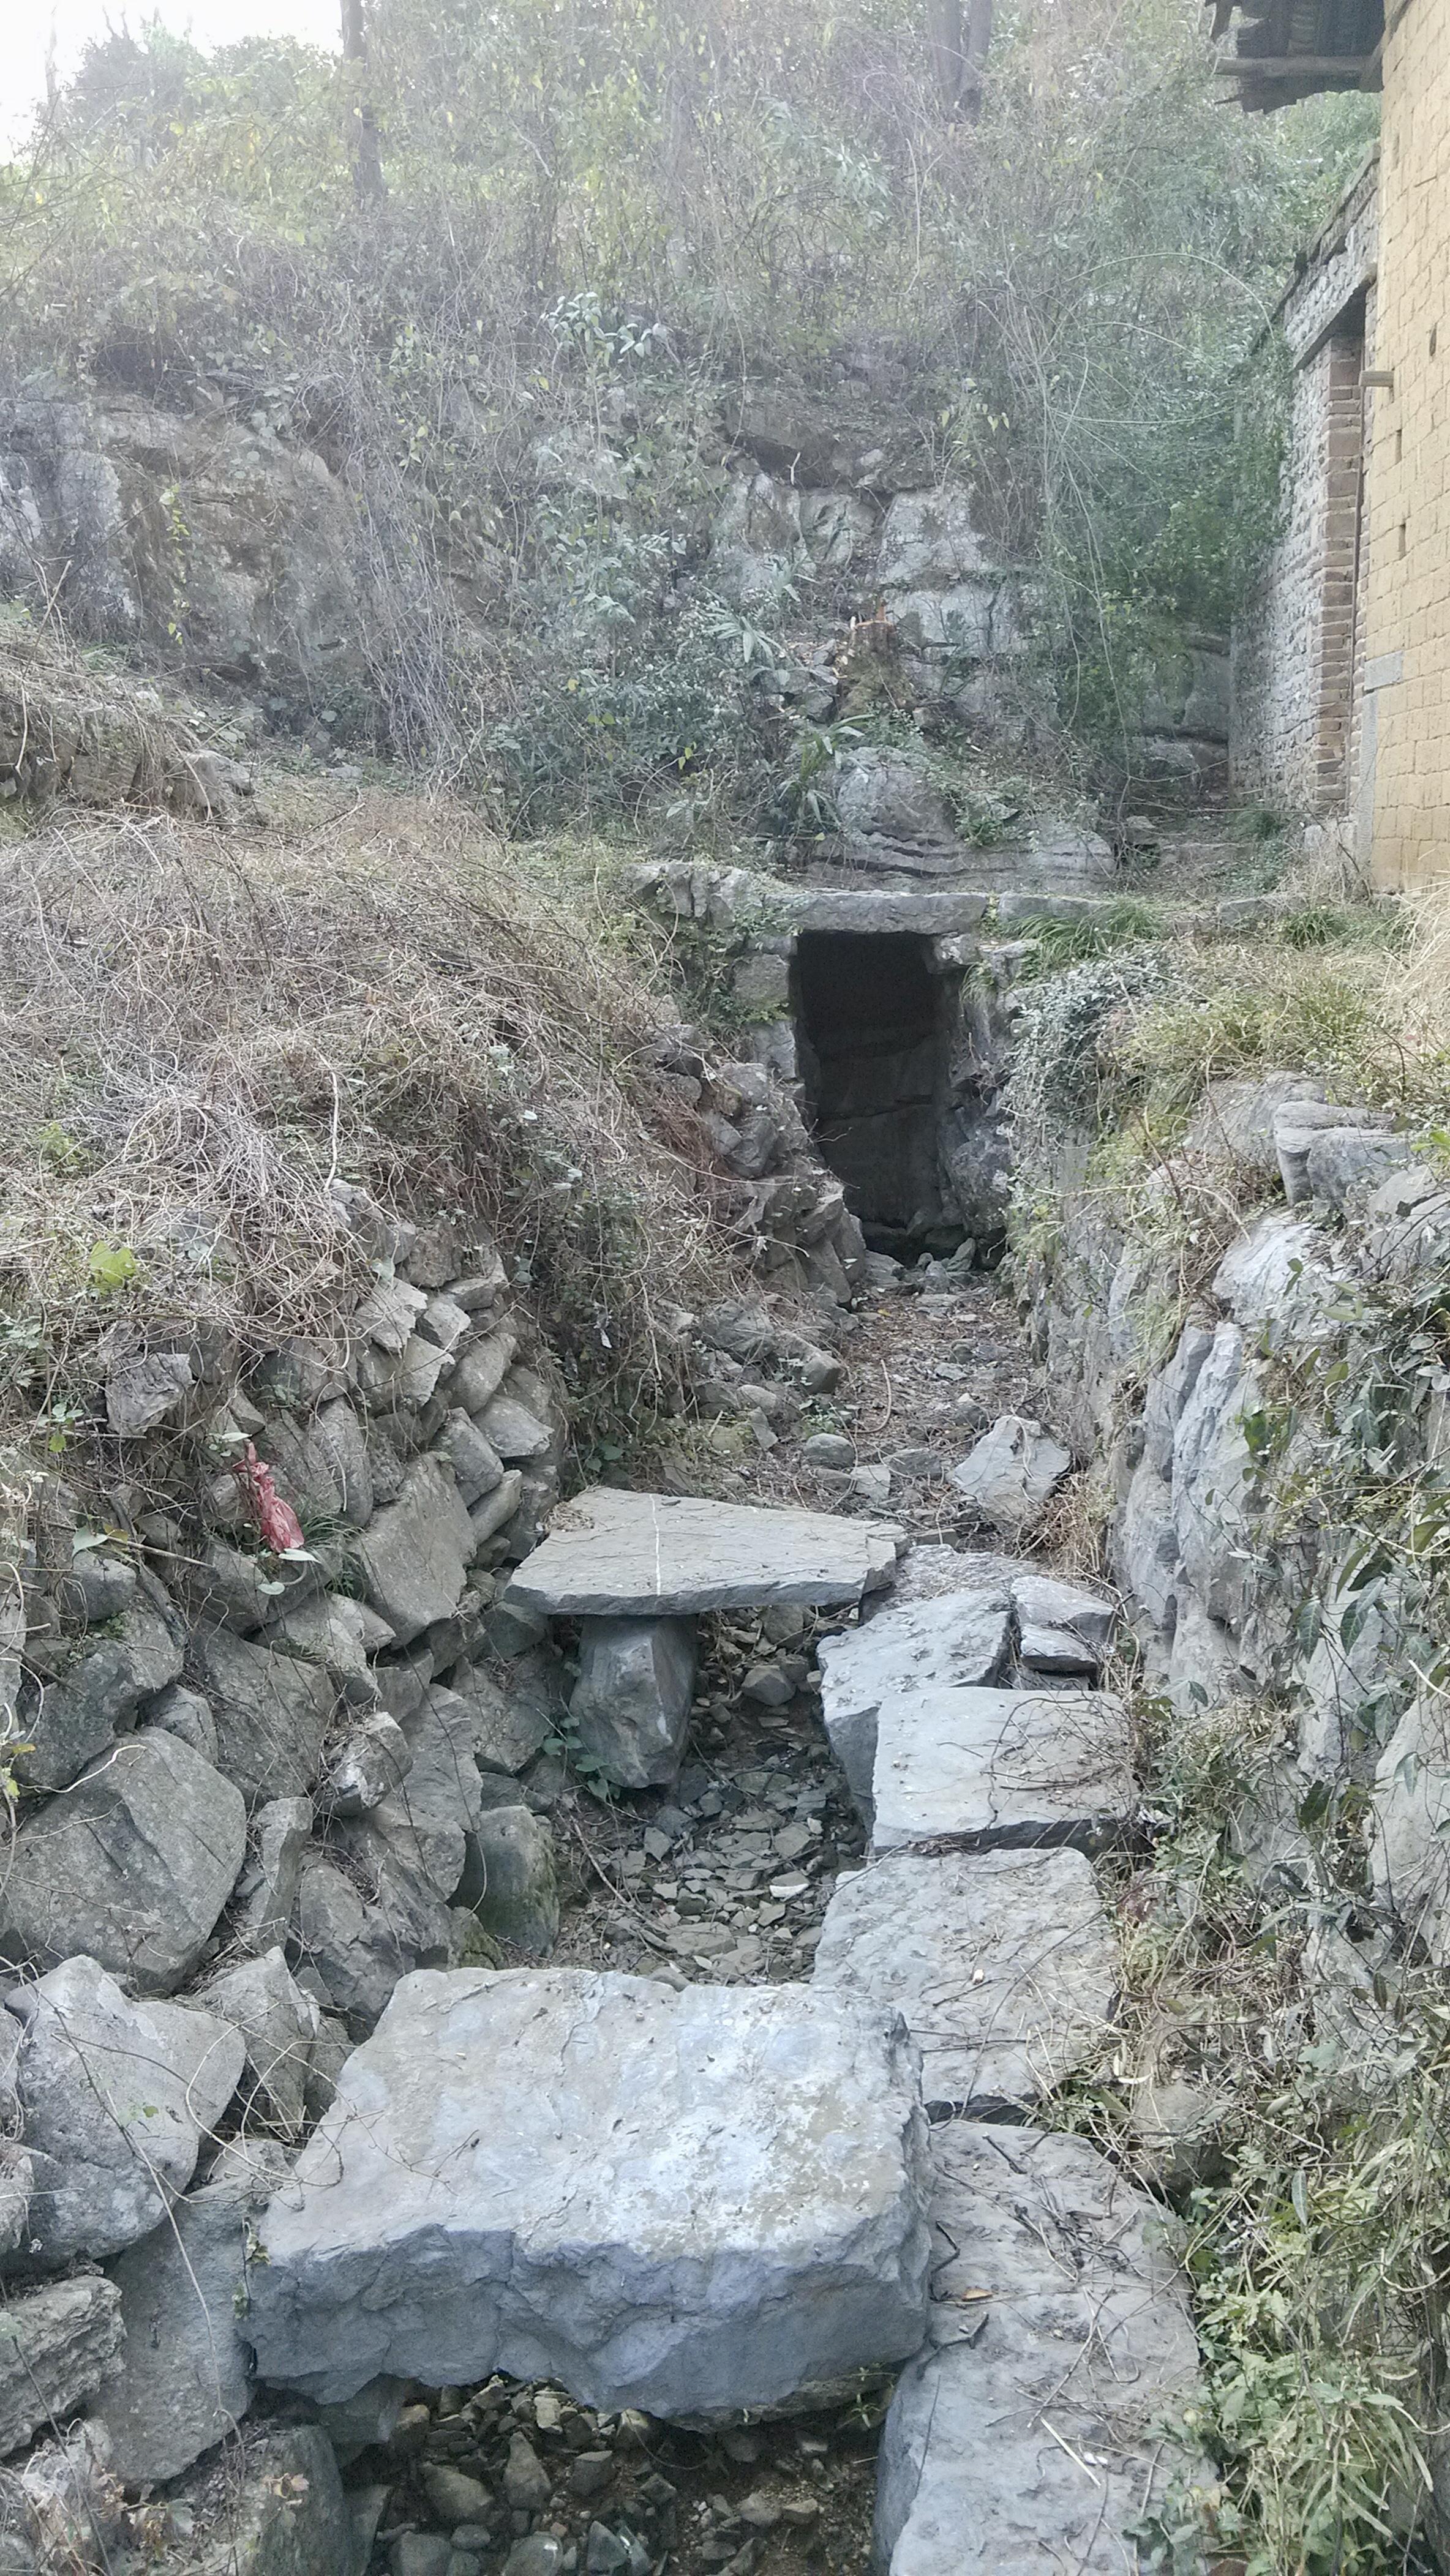 外祖父母家鄉老壪山脚下的泉眼(攝于 20140201 16:45 正月初二,2020 年已被重新修建)